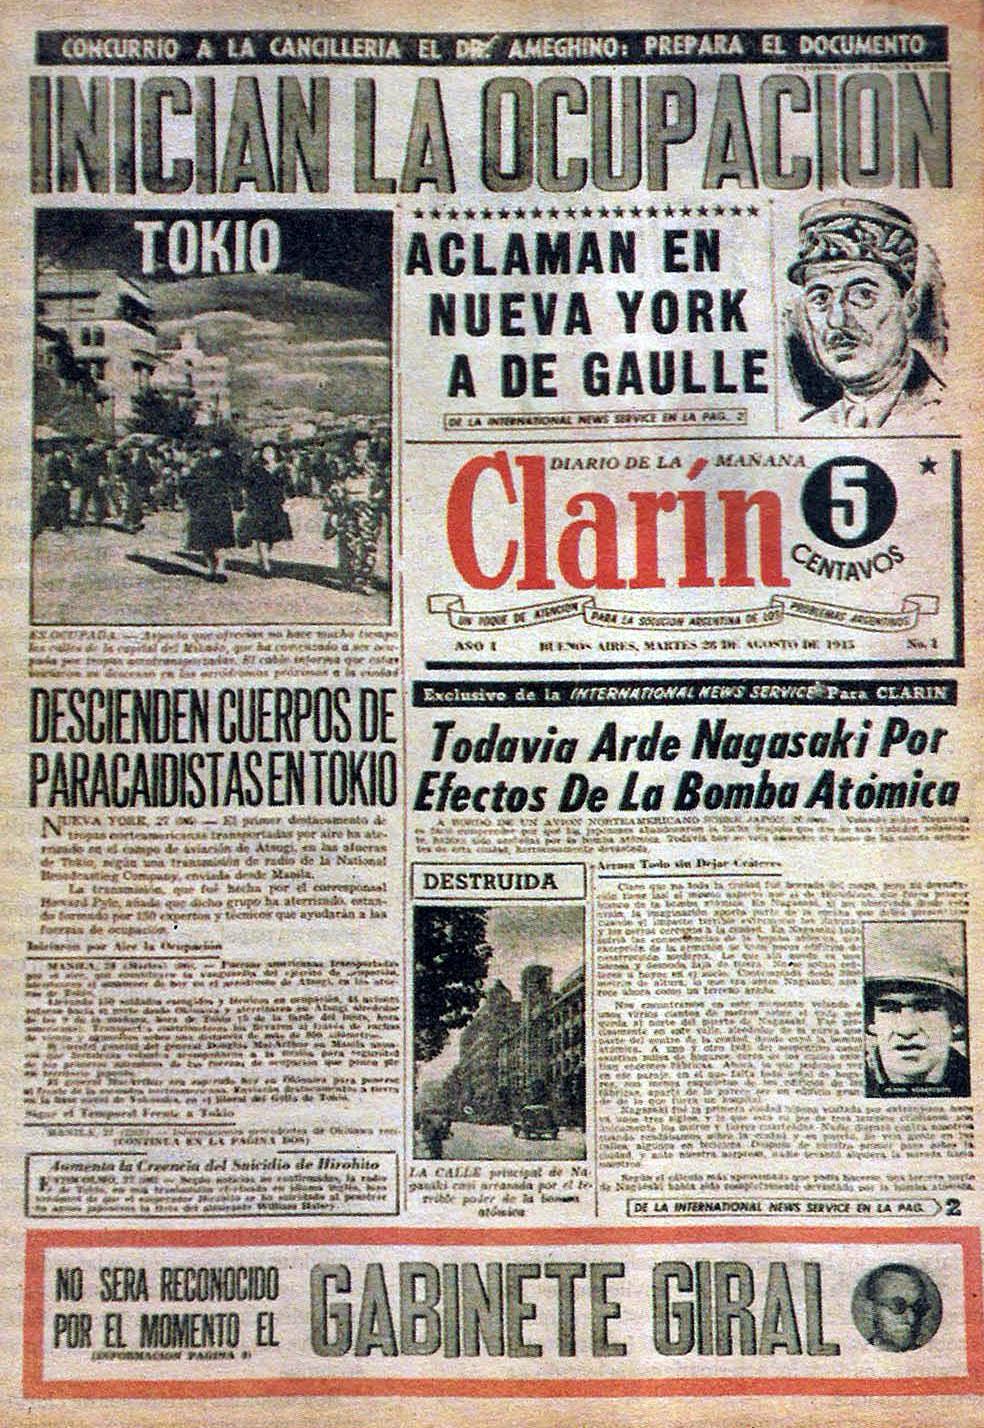 Primera edición del diario argentino Clarín.jpg